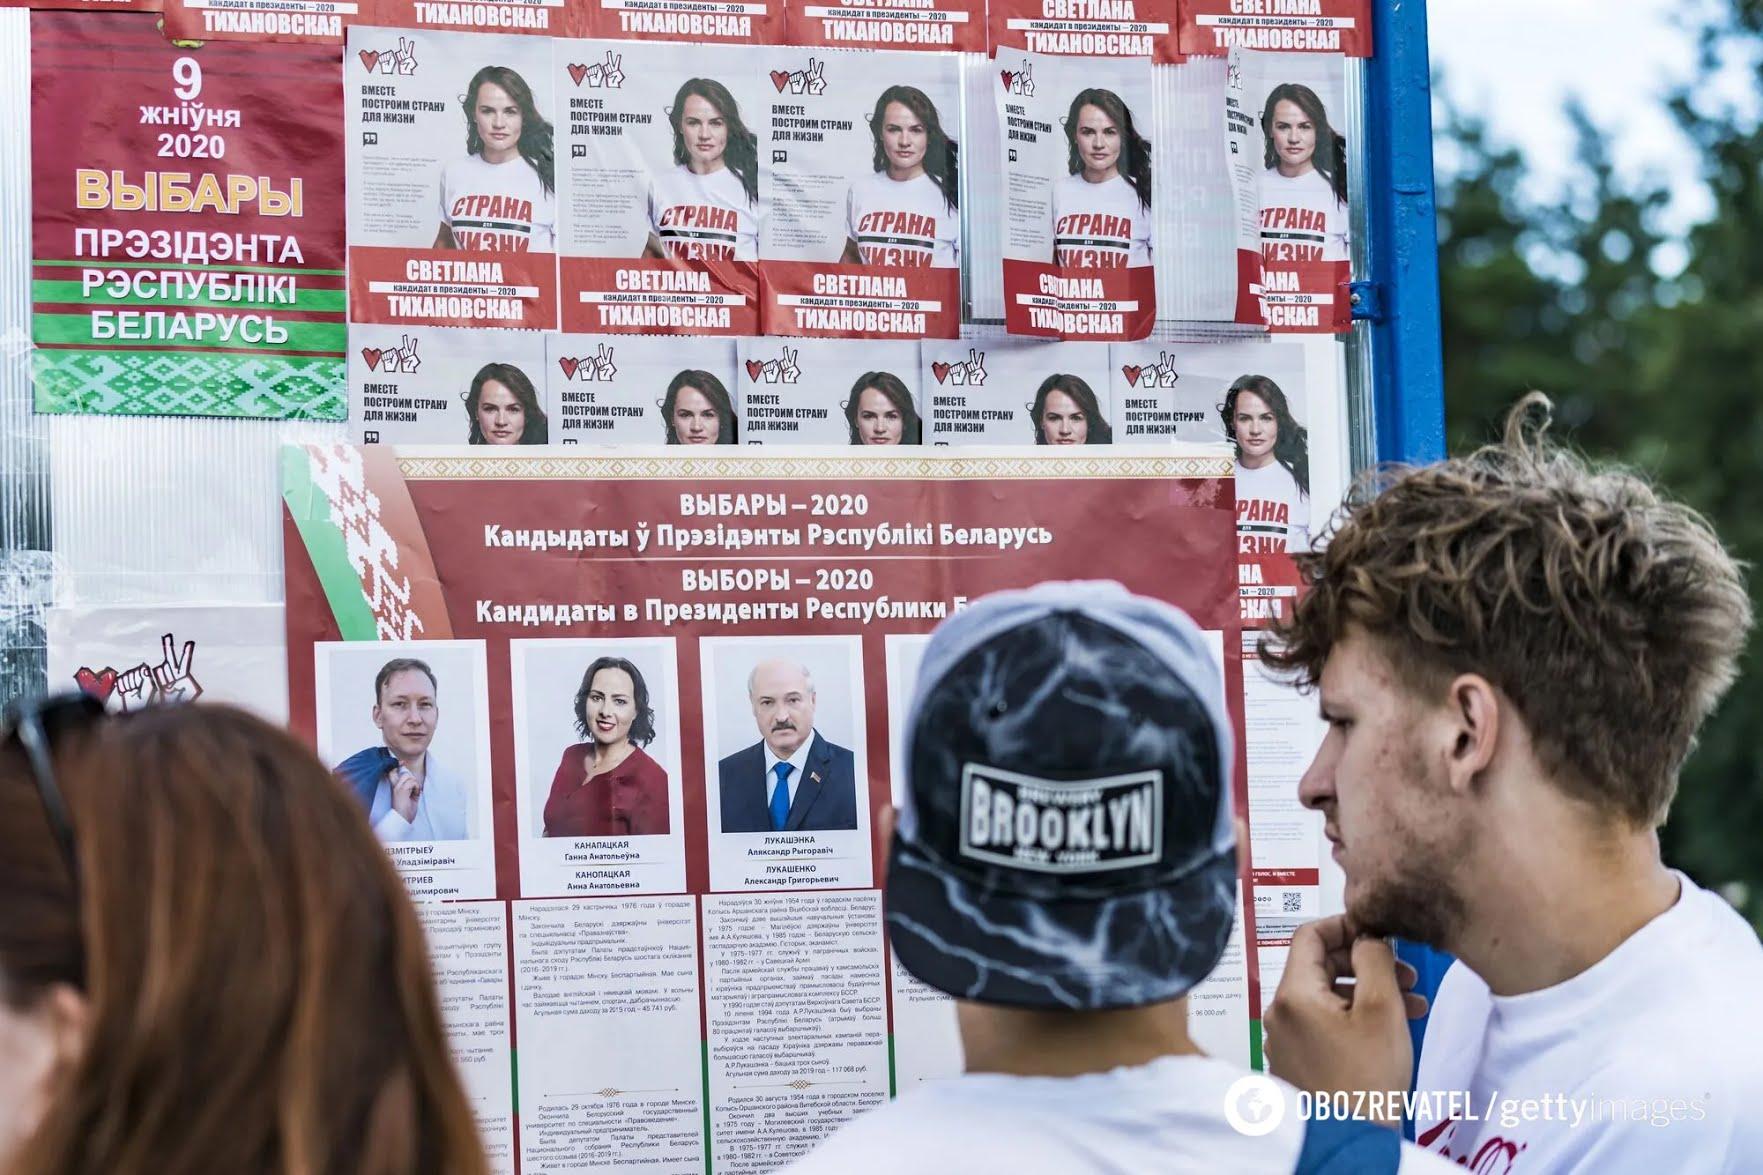 Выборы президента Беларуси состоятся 9 августа